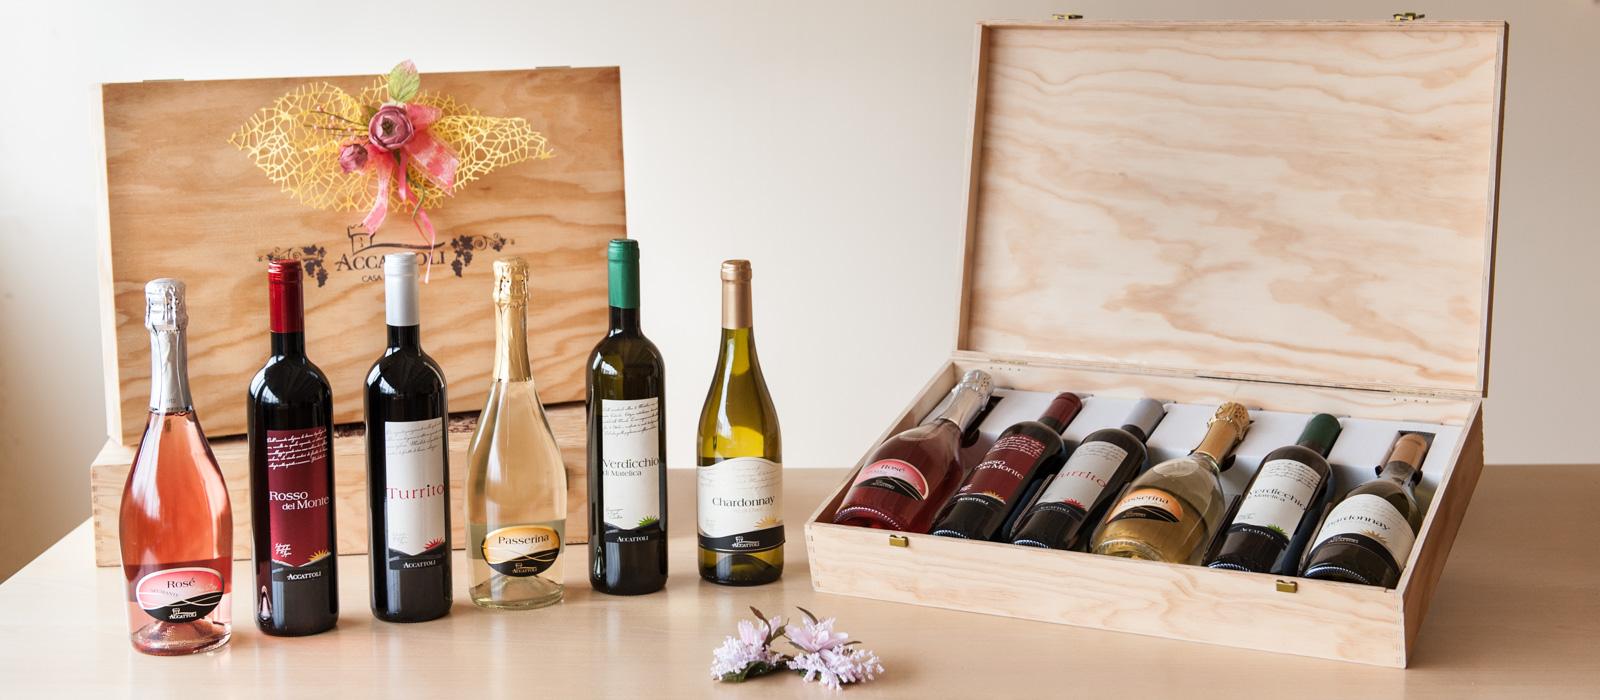 legno-marche-vini-accattoli